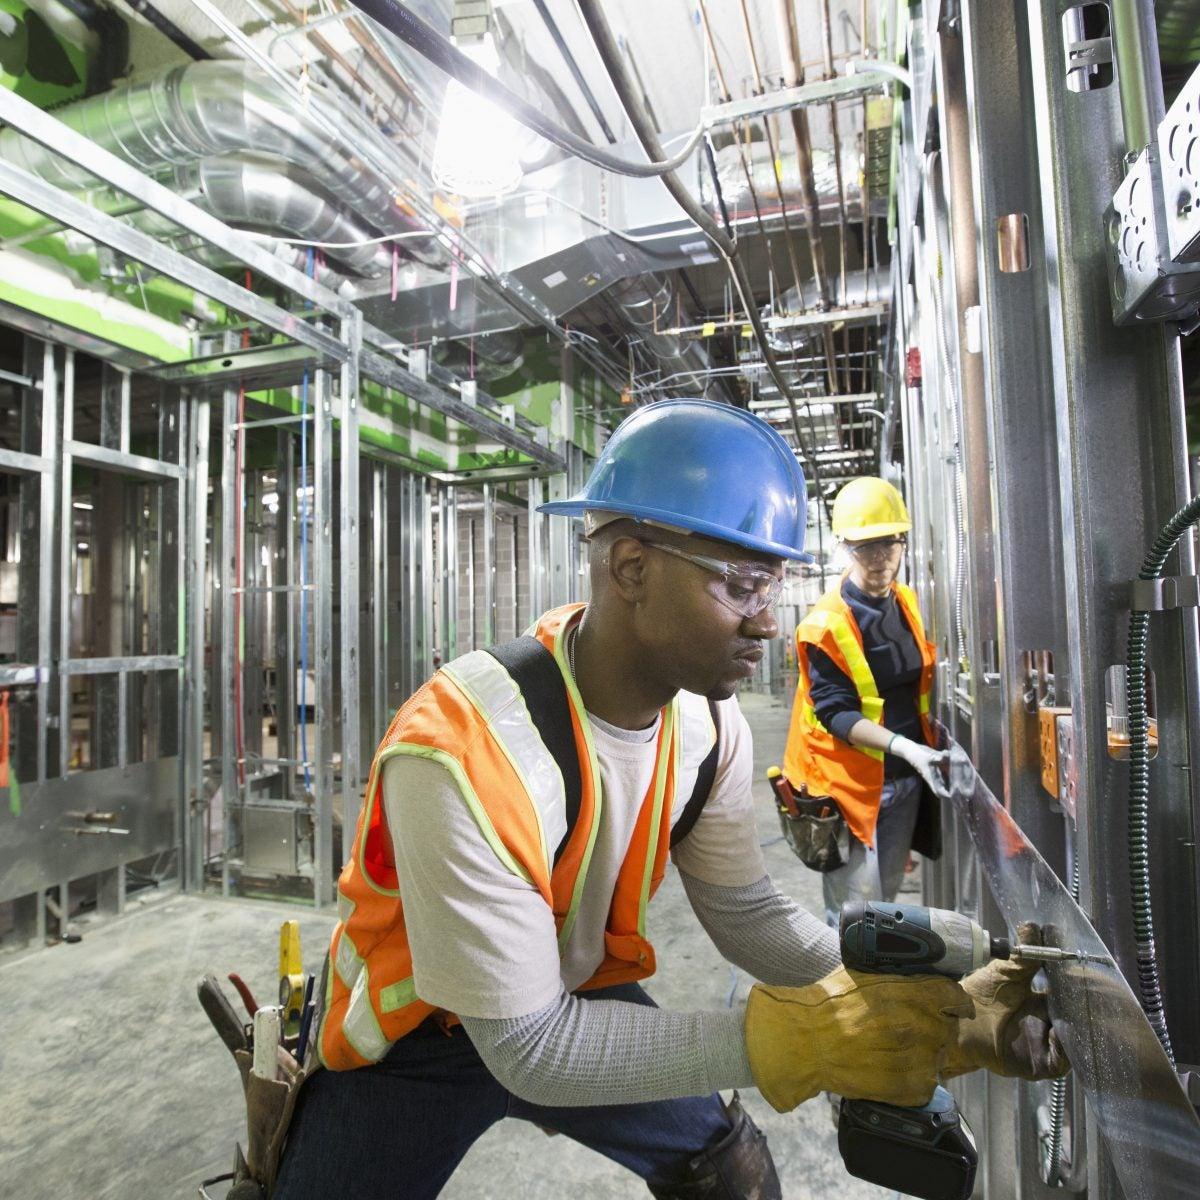 Senate Approves Landmark Infrastructure Bill